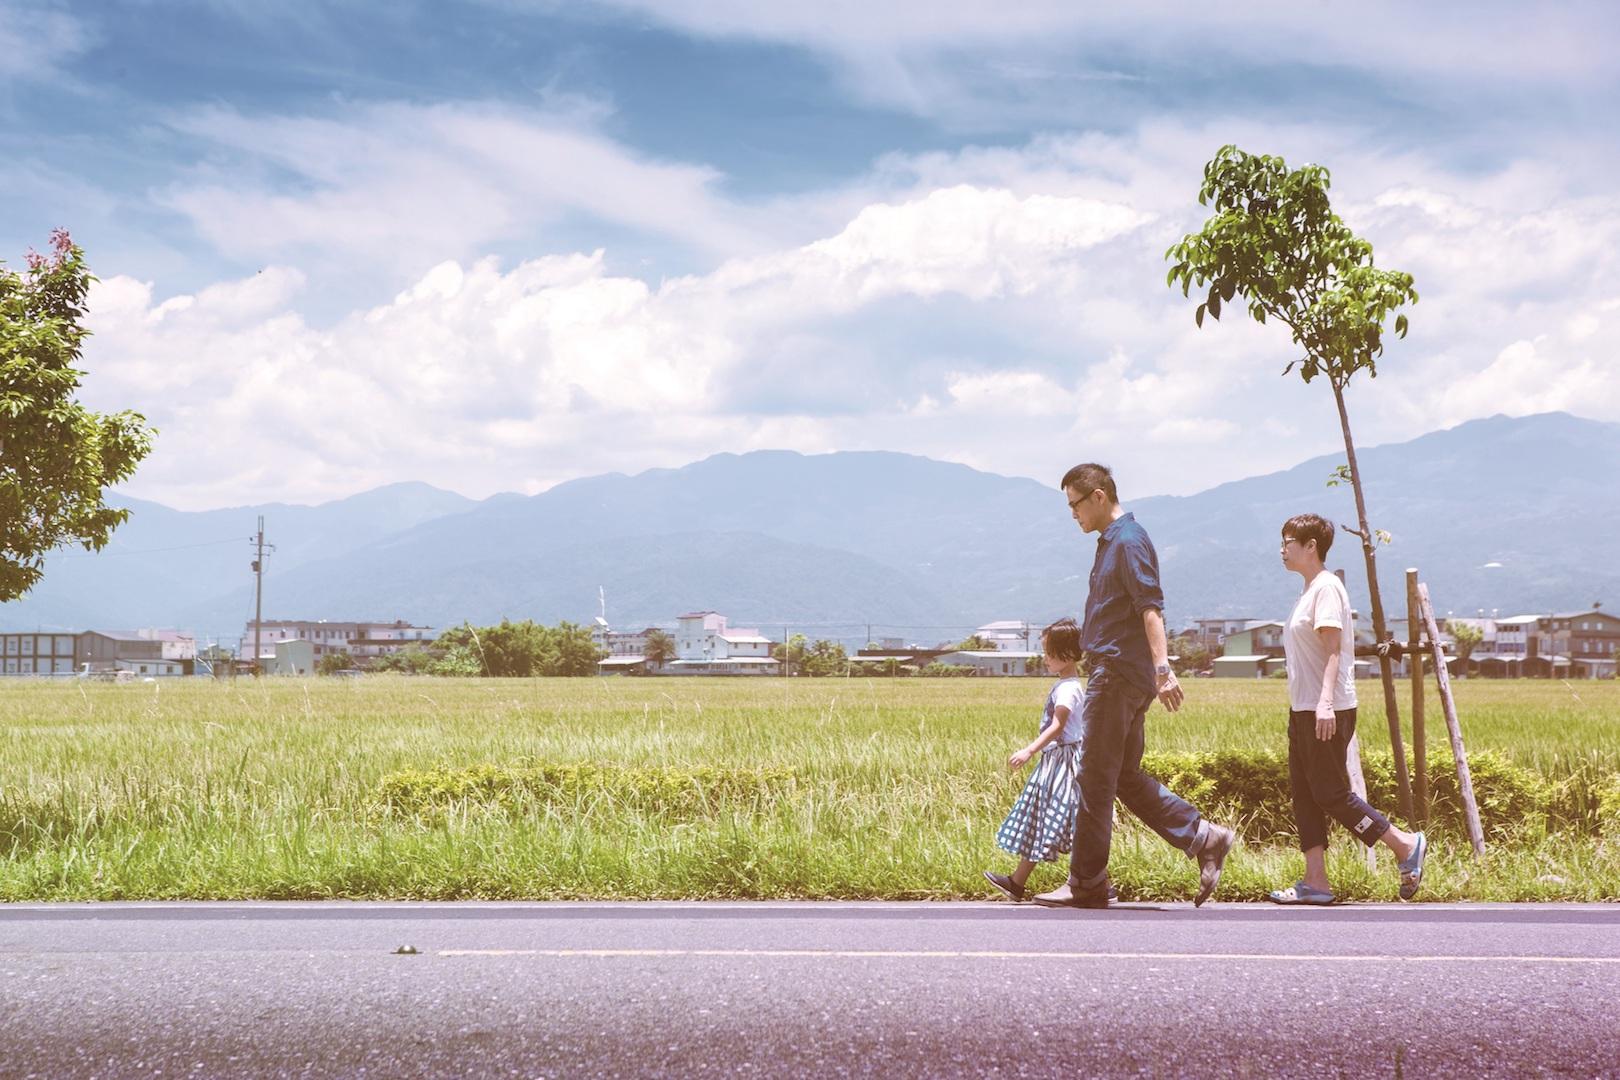 羅大佑拍攝專輯封面照,一家三口總動員至宜蘭取景。